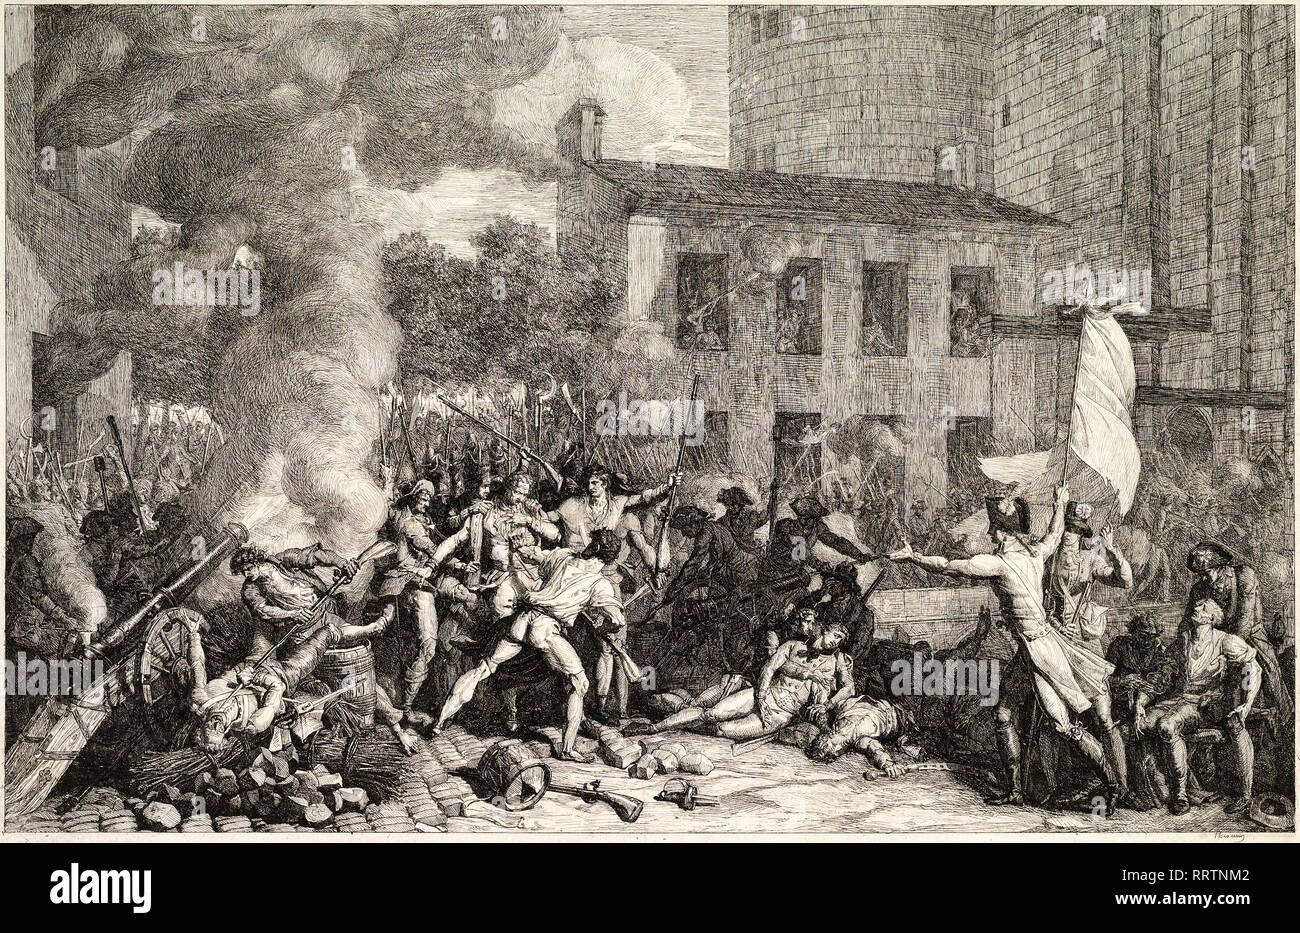 Charles Thevenin, la prise de la Bastille, le 14 juillet 1789, ch. 1793, gravure, révolution française imprimer Photo Stock